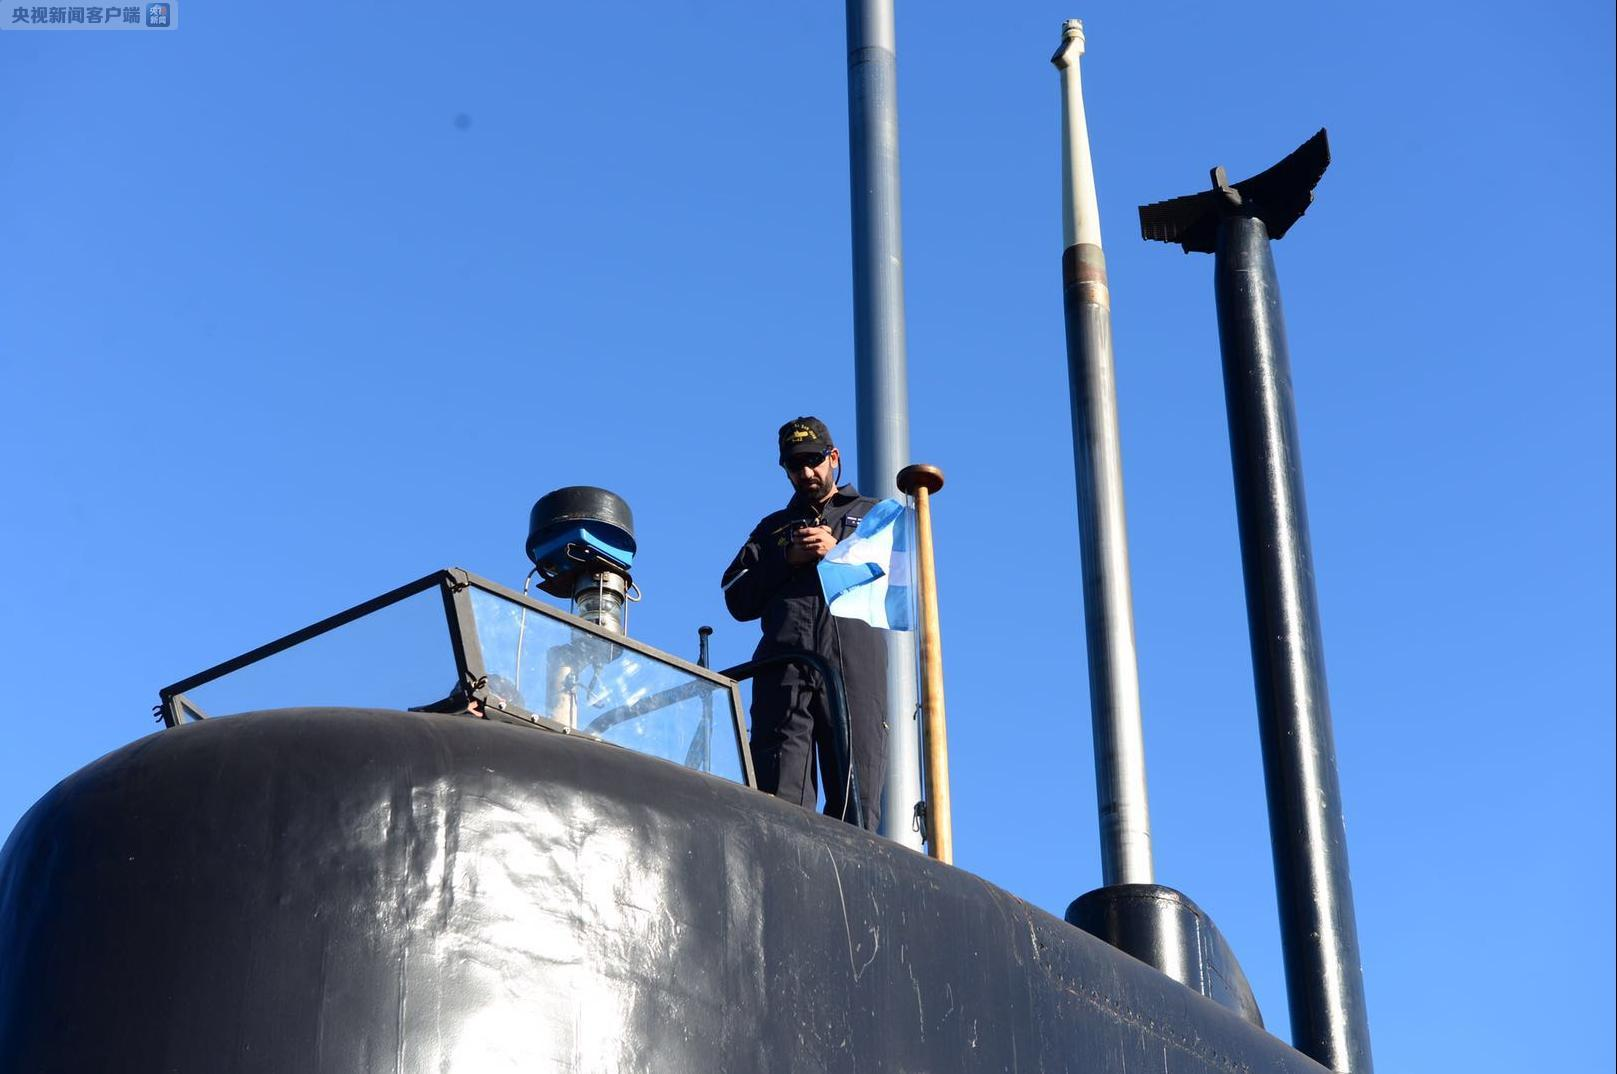 阿根廷海军确认失联潜艇上有44名船员 已展开